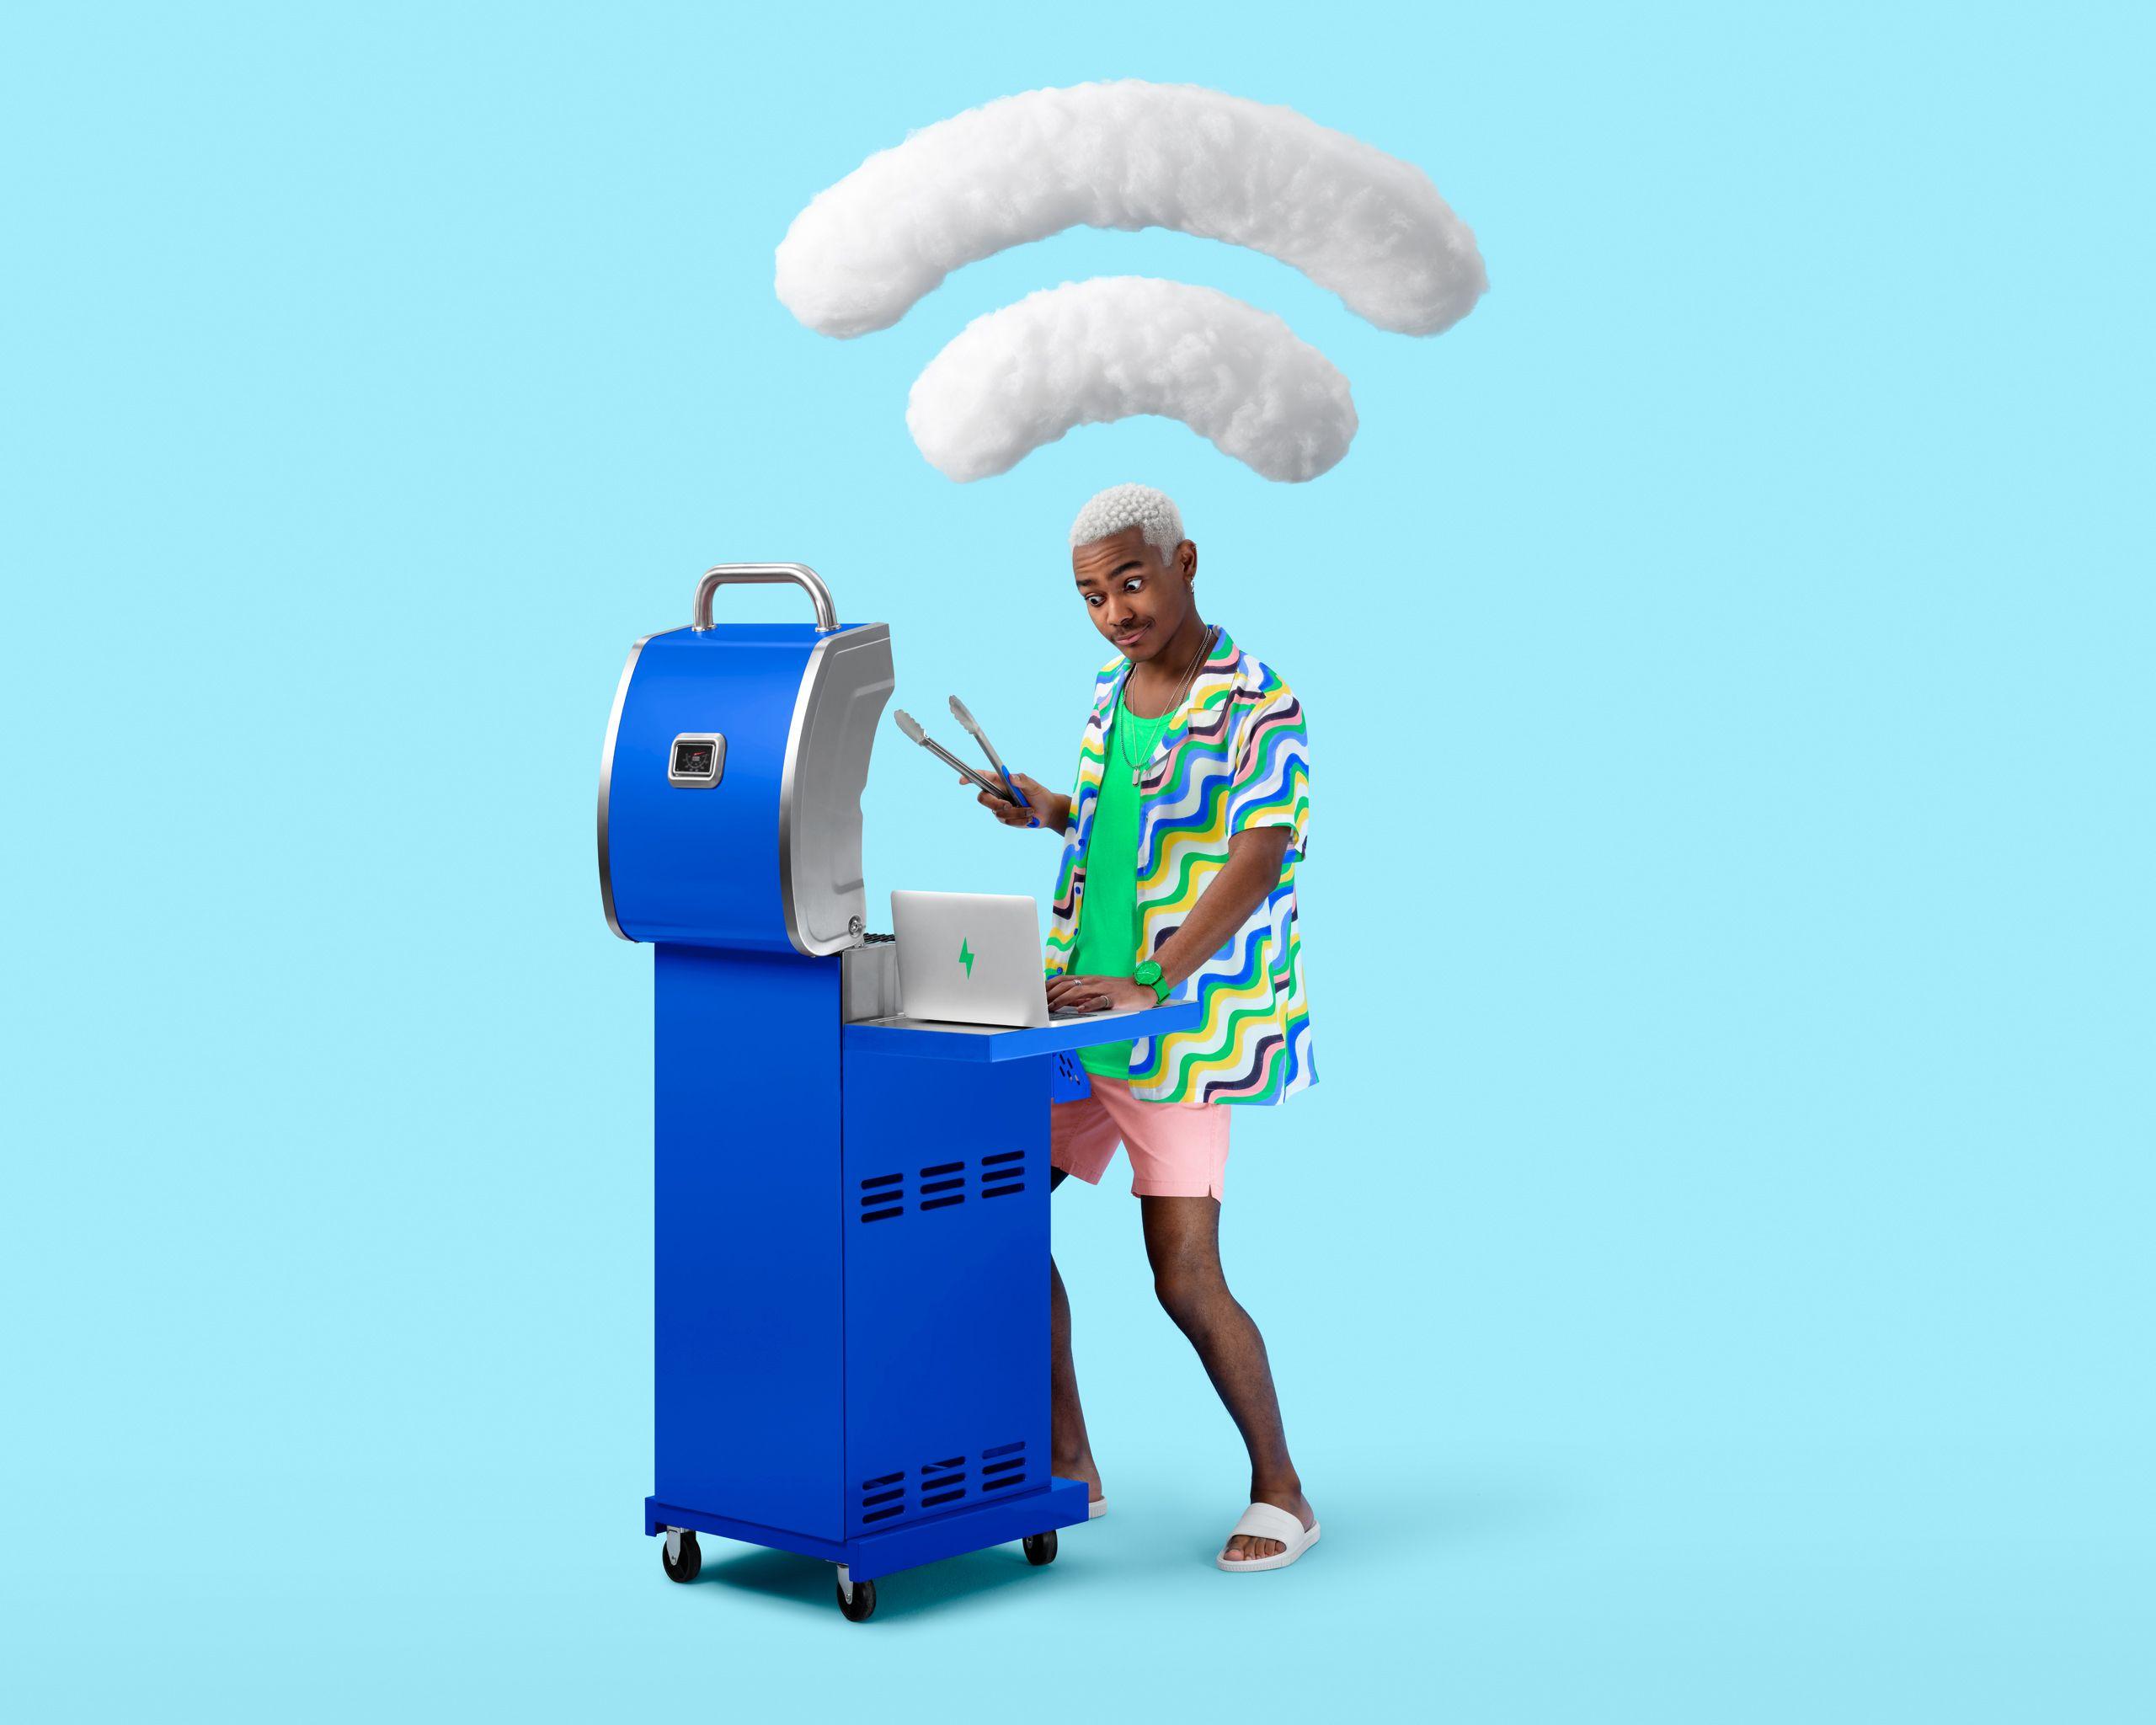 Un homme faisant une grimace a un ordinateur portable sur un barbecue. Il y a un symbole wifi dans les nuages en peluche au-dessus de l'homme.